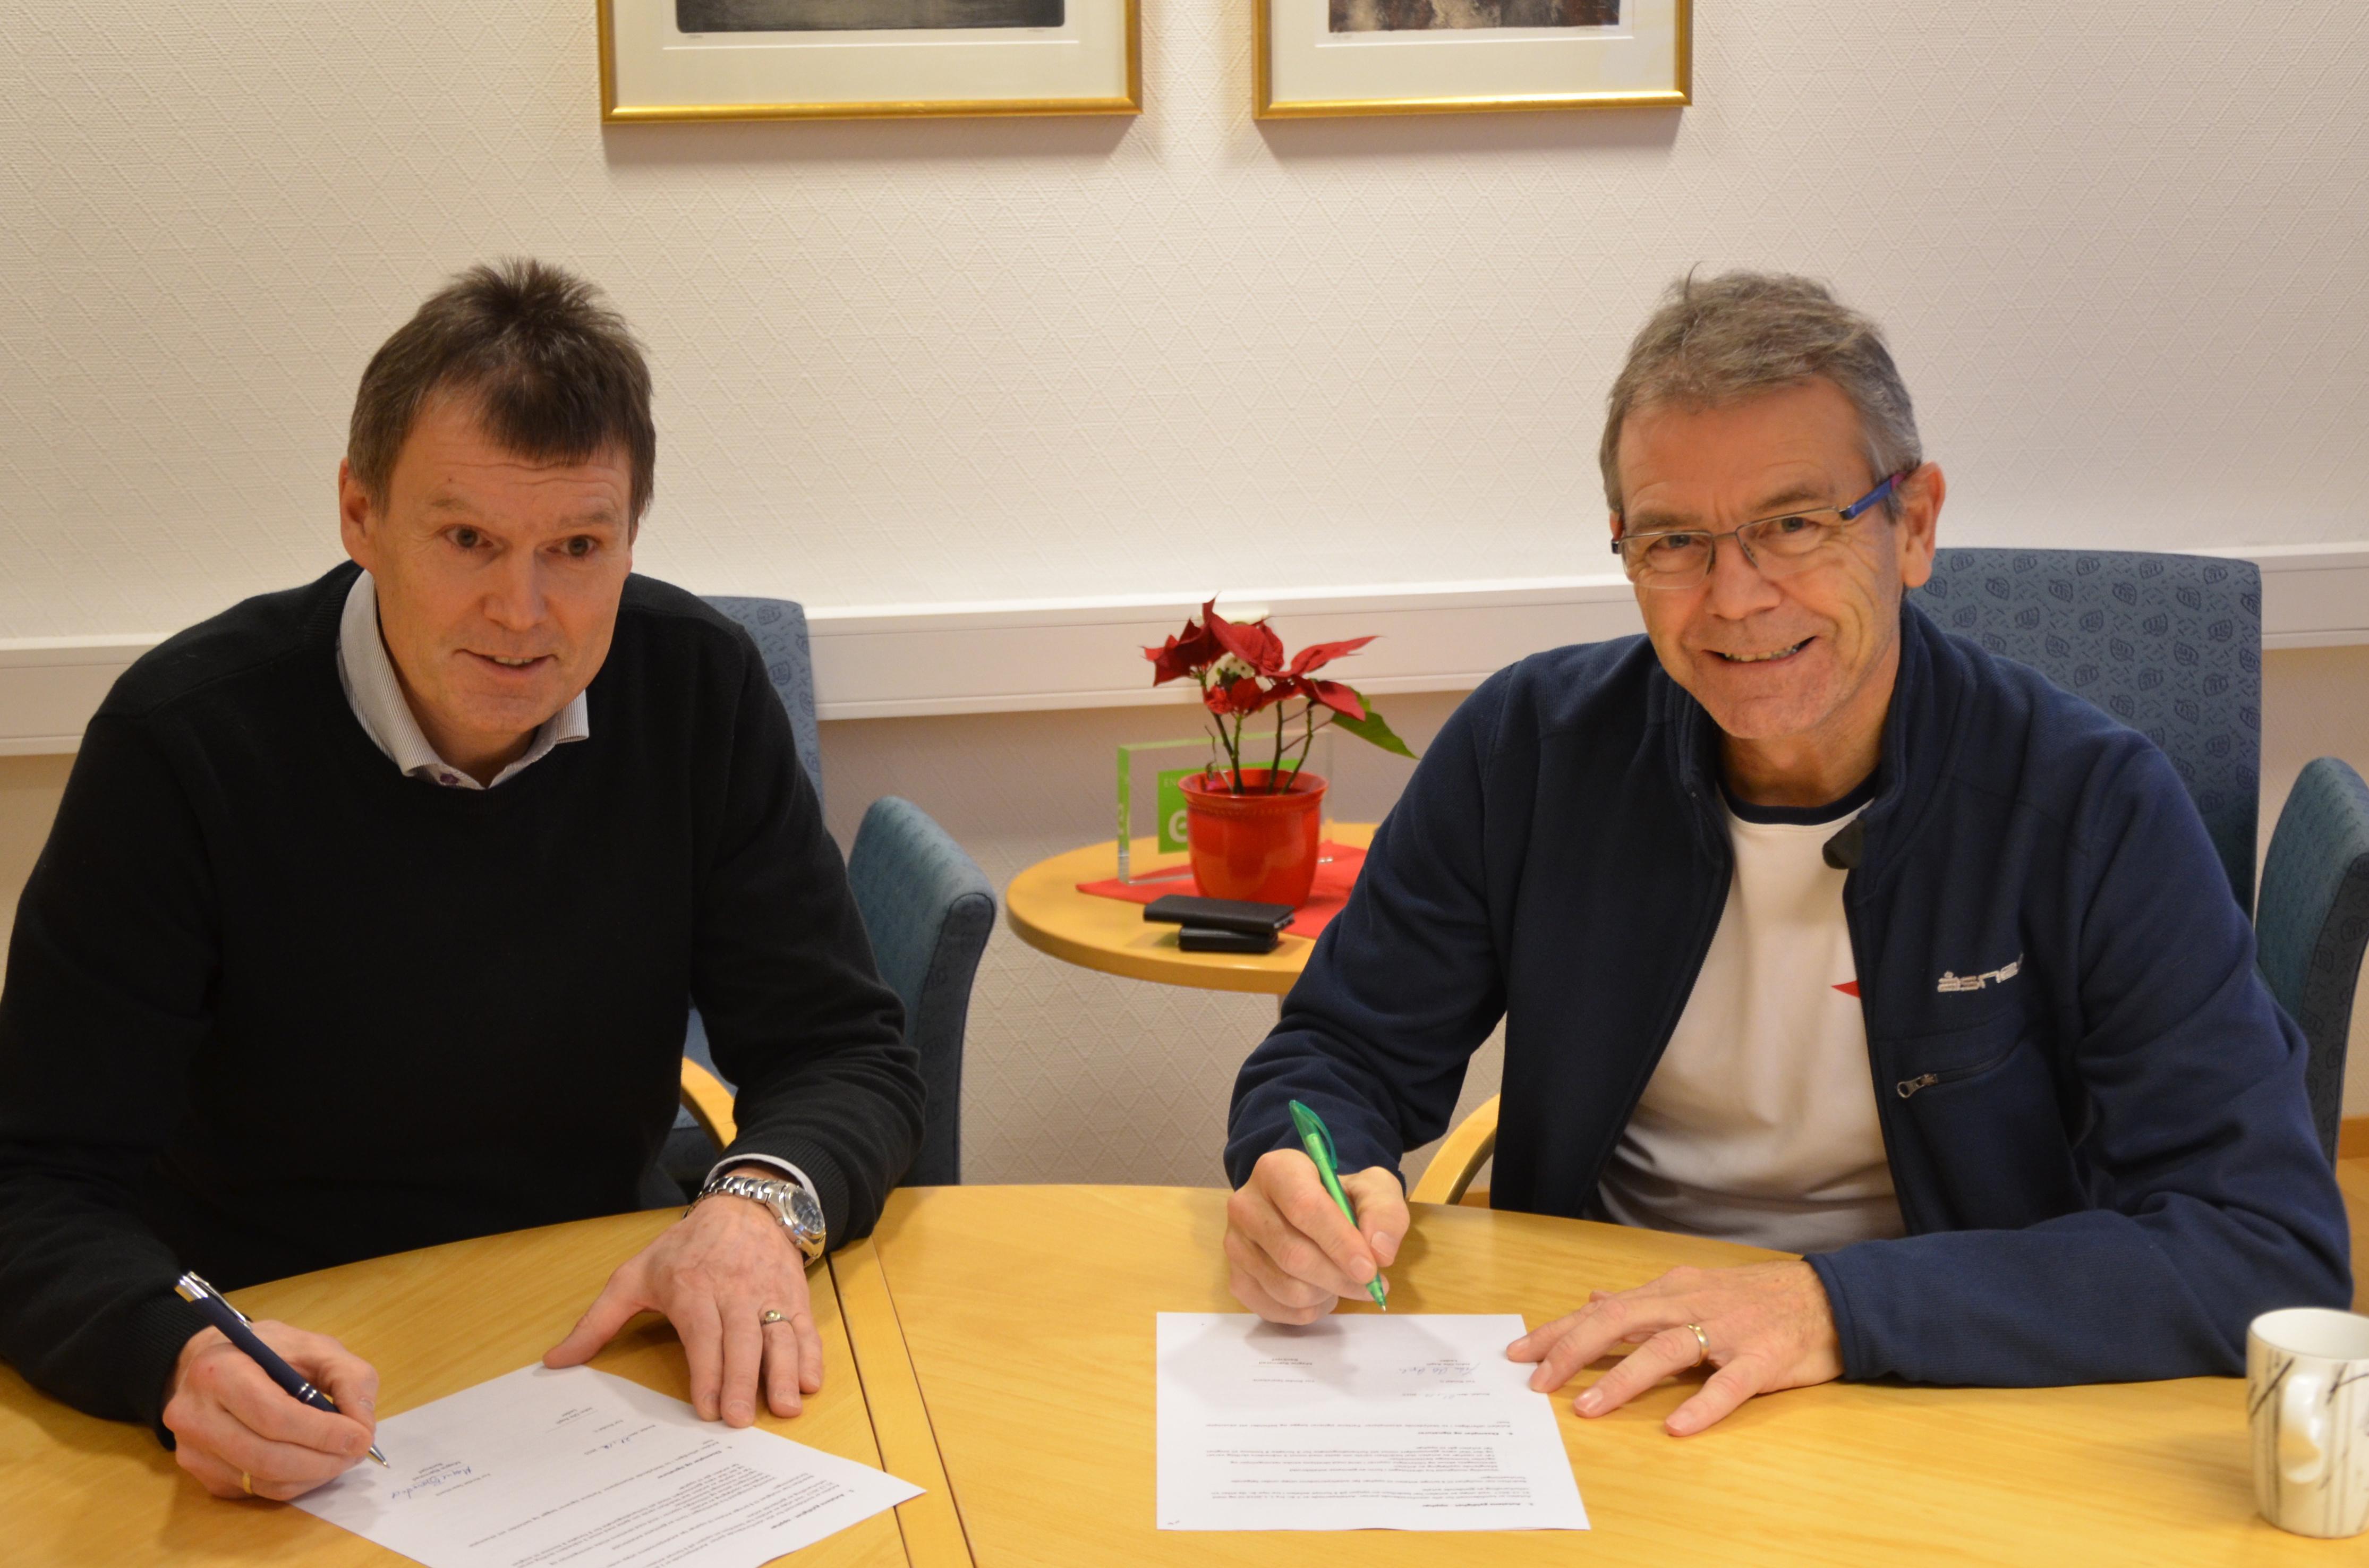 Signering generalspo#DFD071.jpg